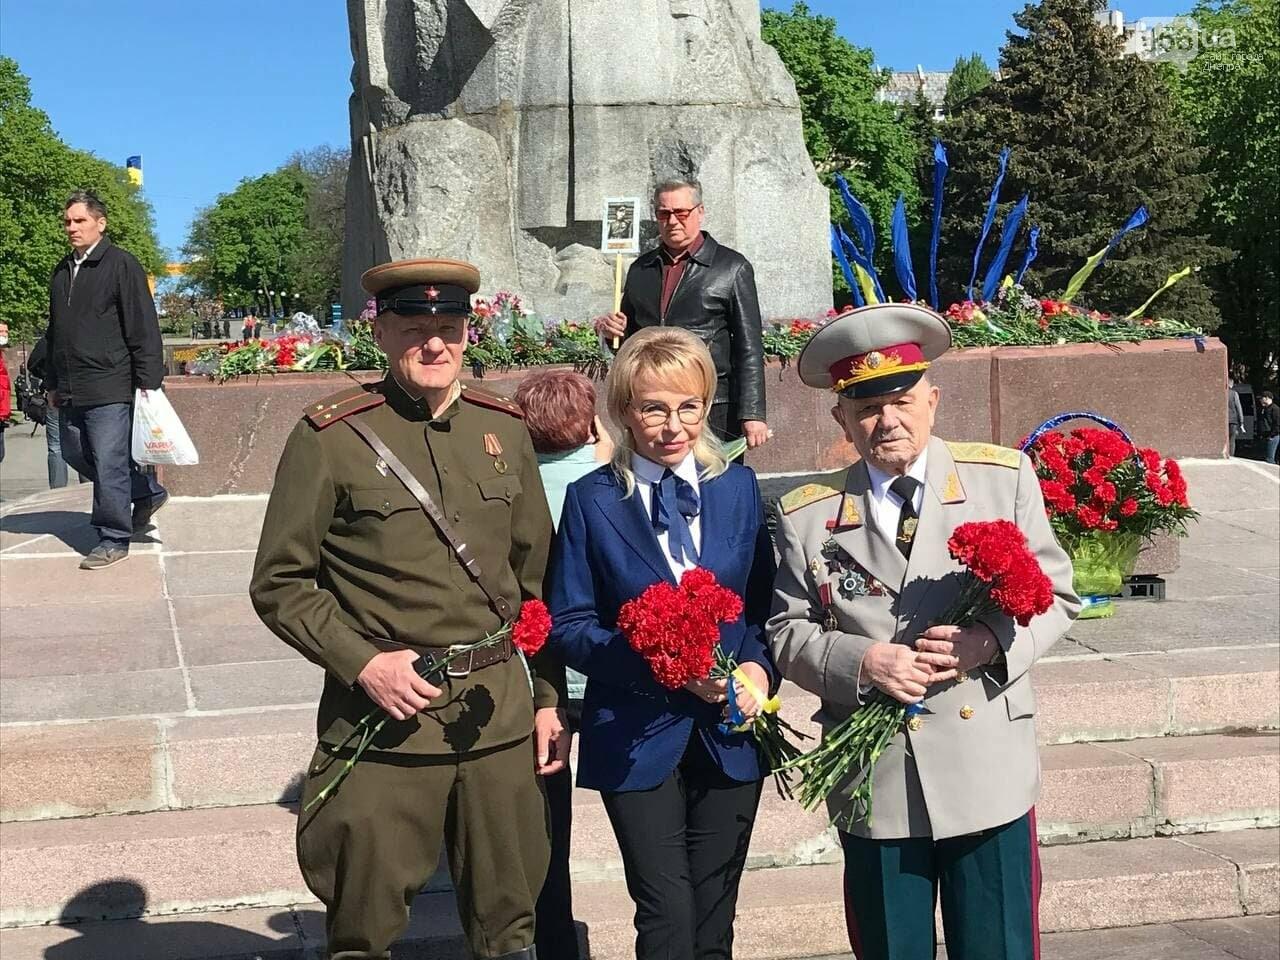 Именные значки и дети в советской форме: в Днепре Вилкул снова превратил праздник в пиар, фото-2